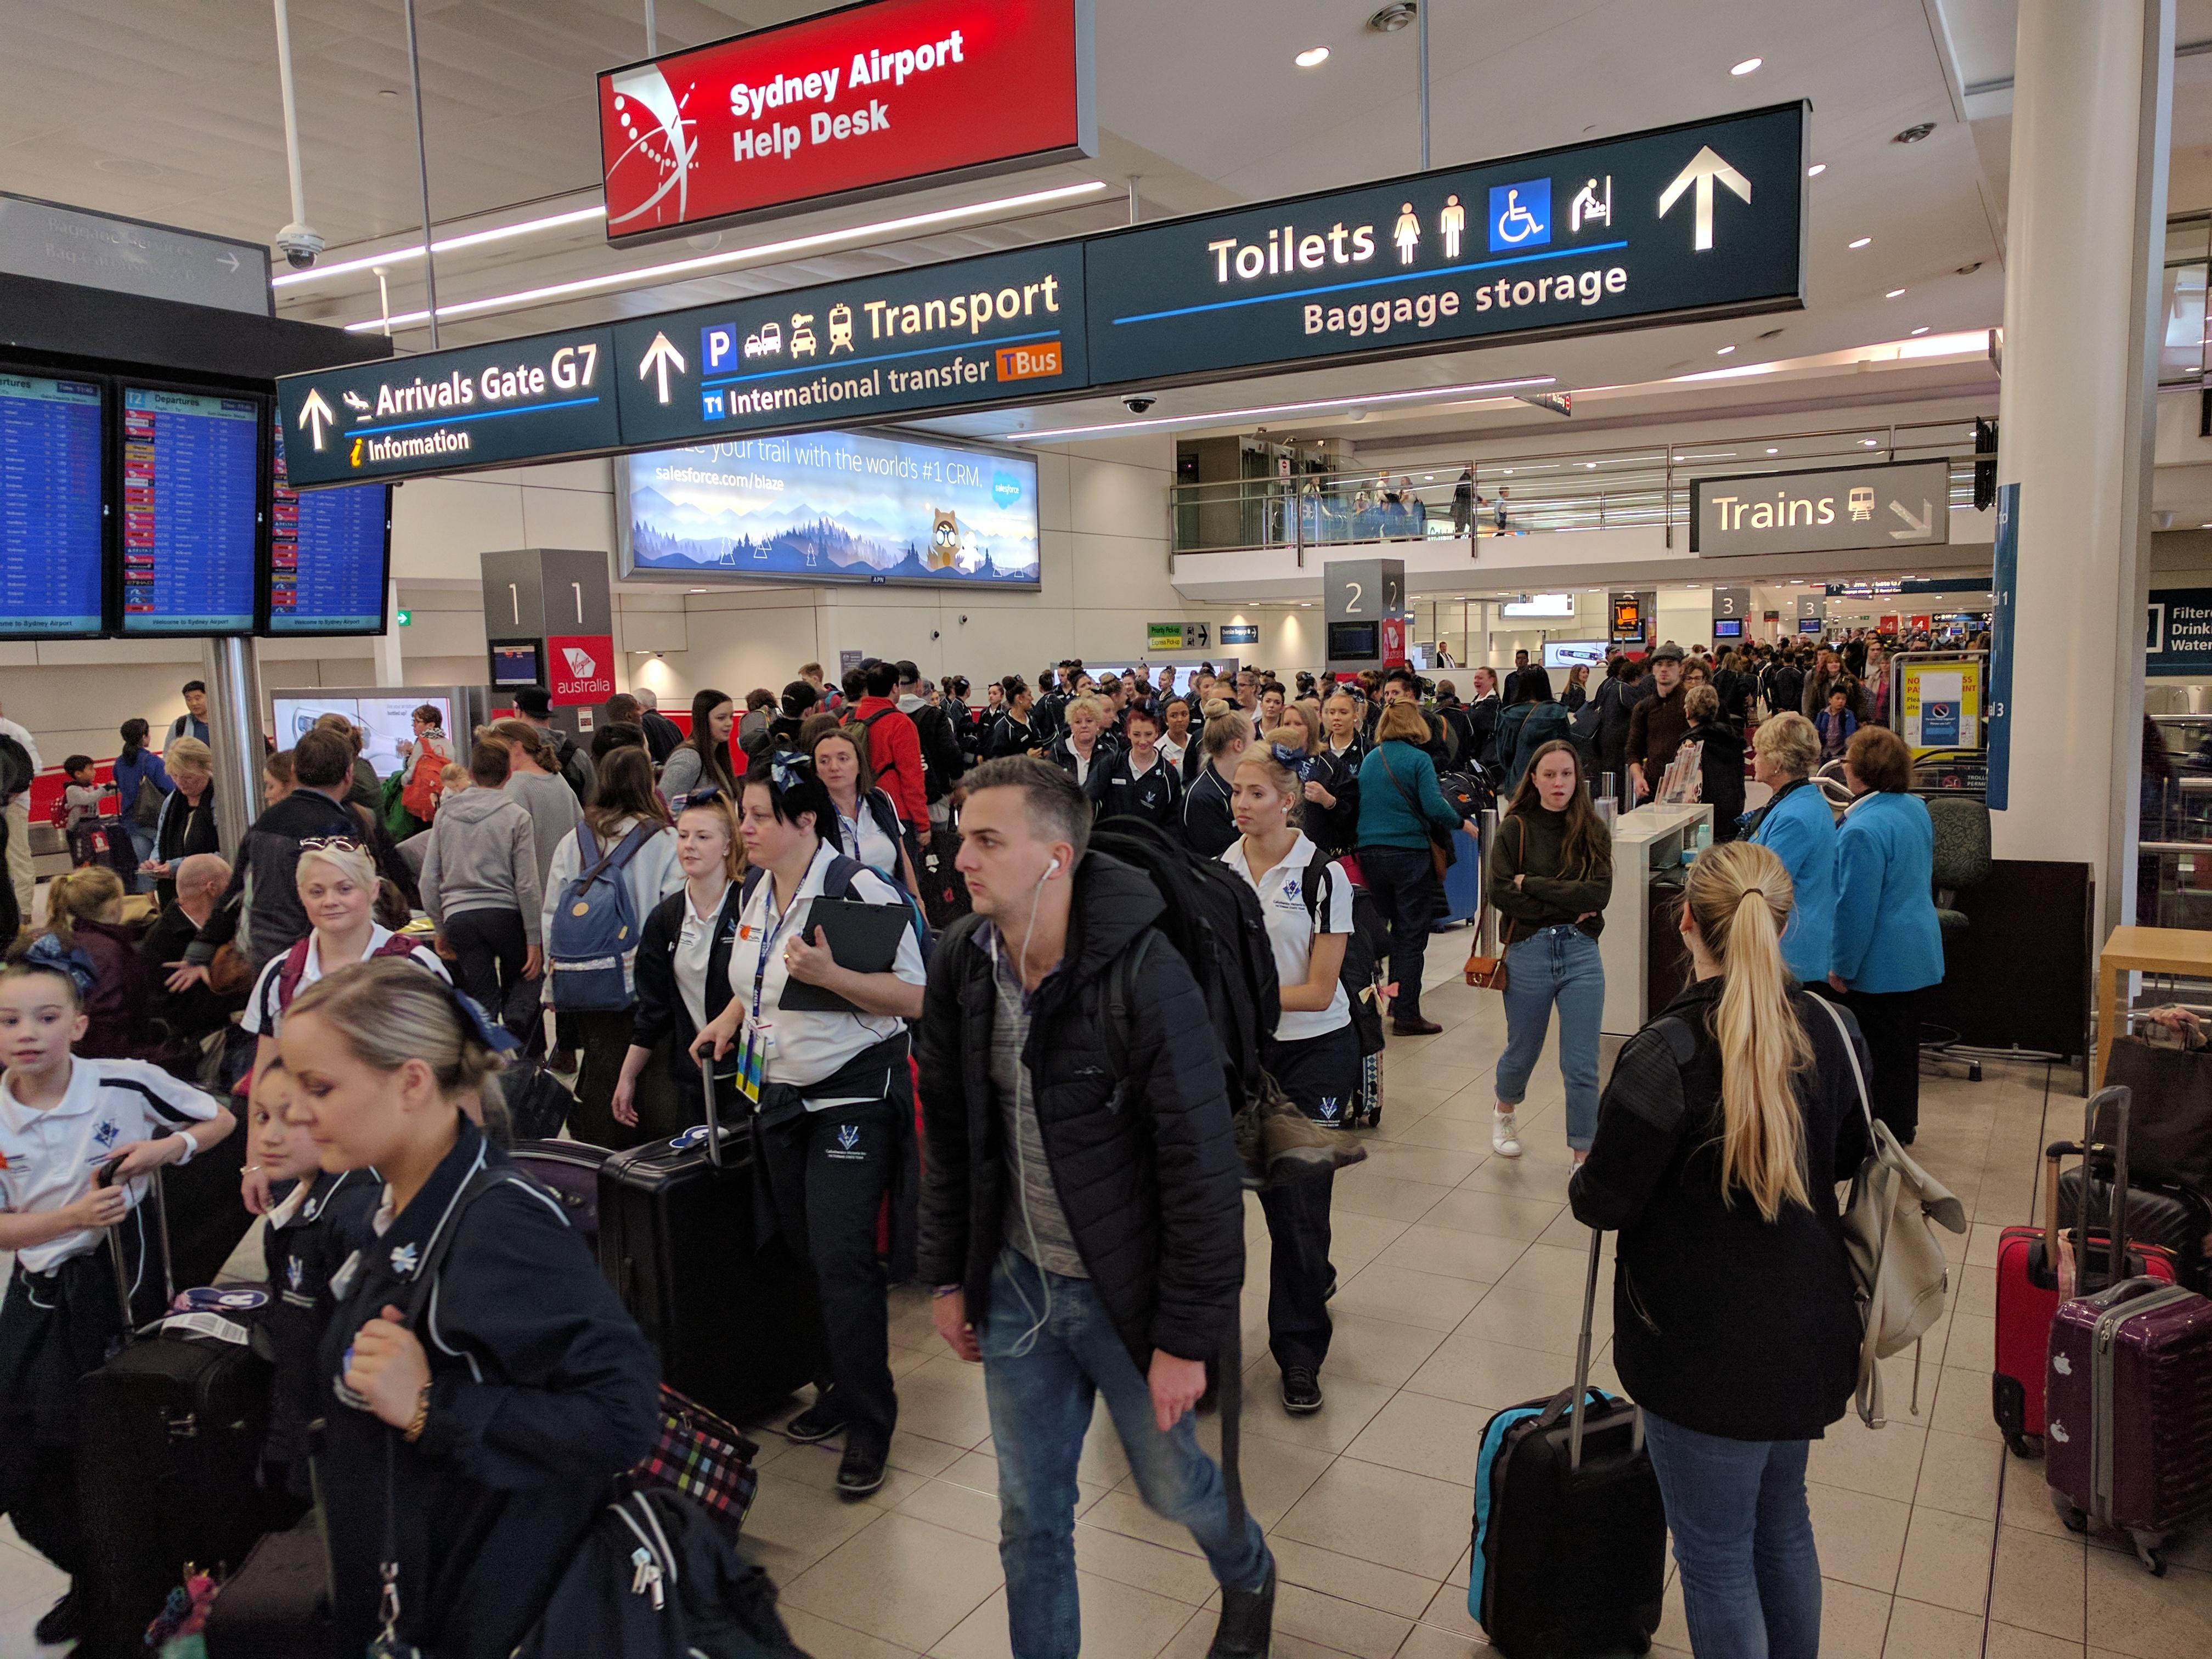 Getting around Sydney Airport